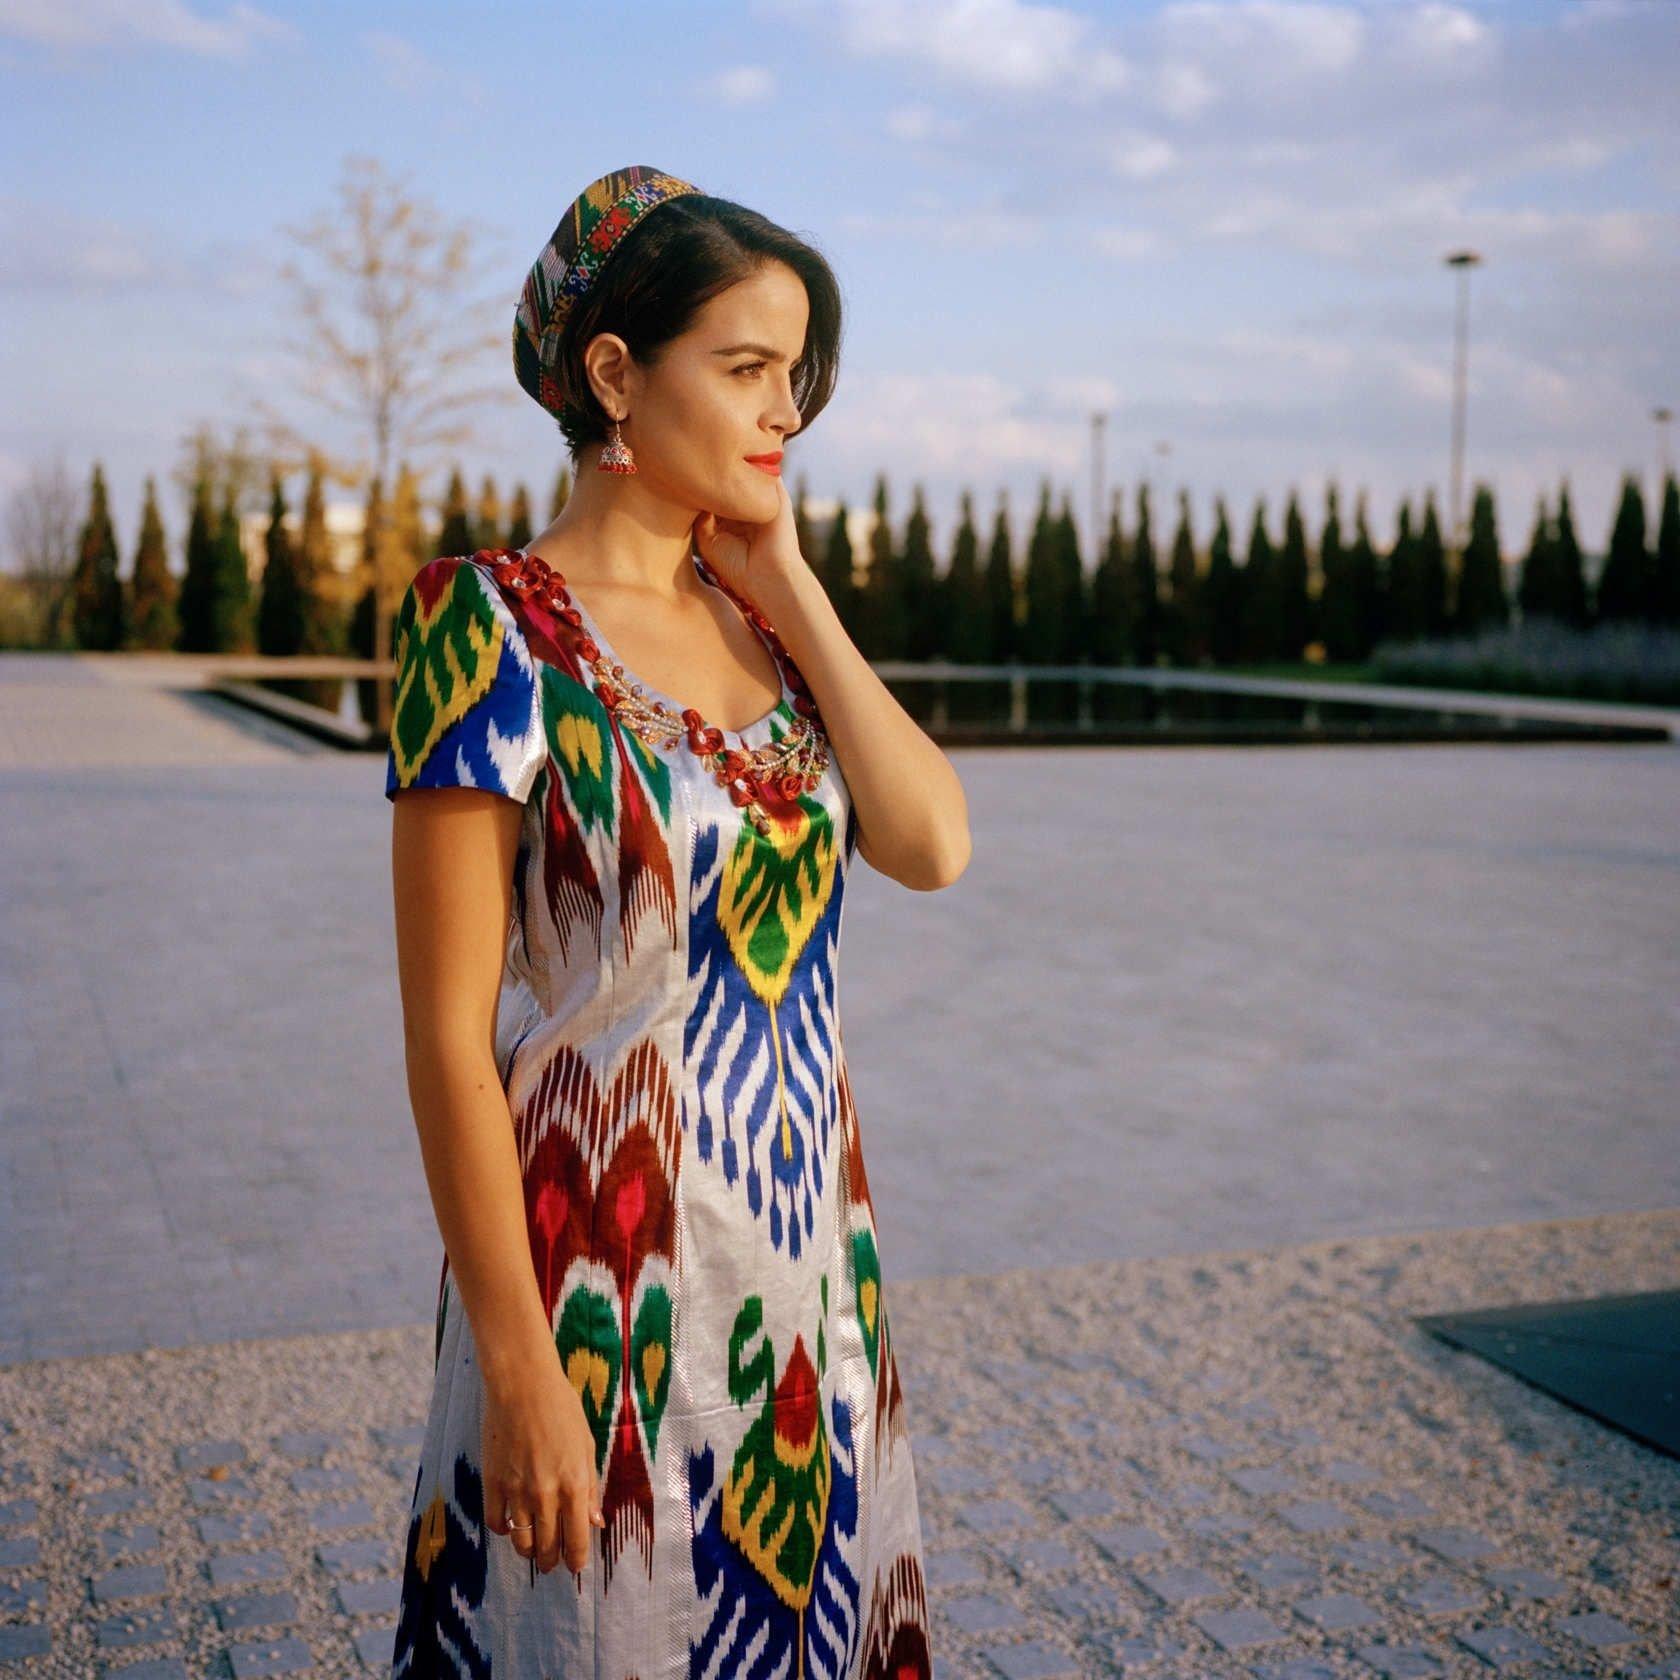 картинки таджикских платьев никогда подчеркивала эротизм